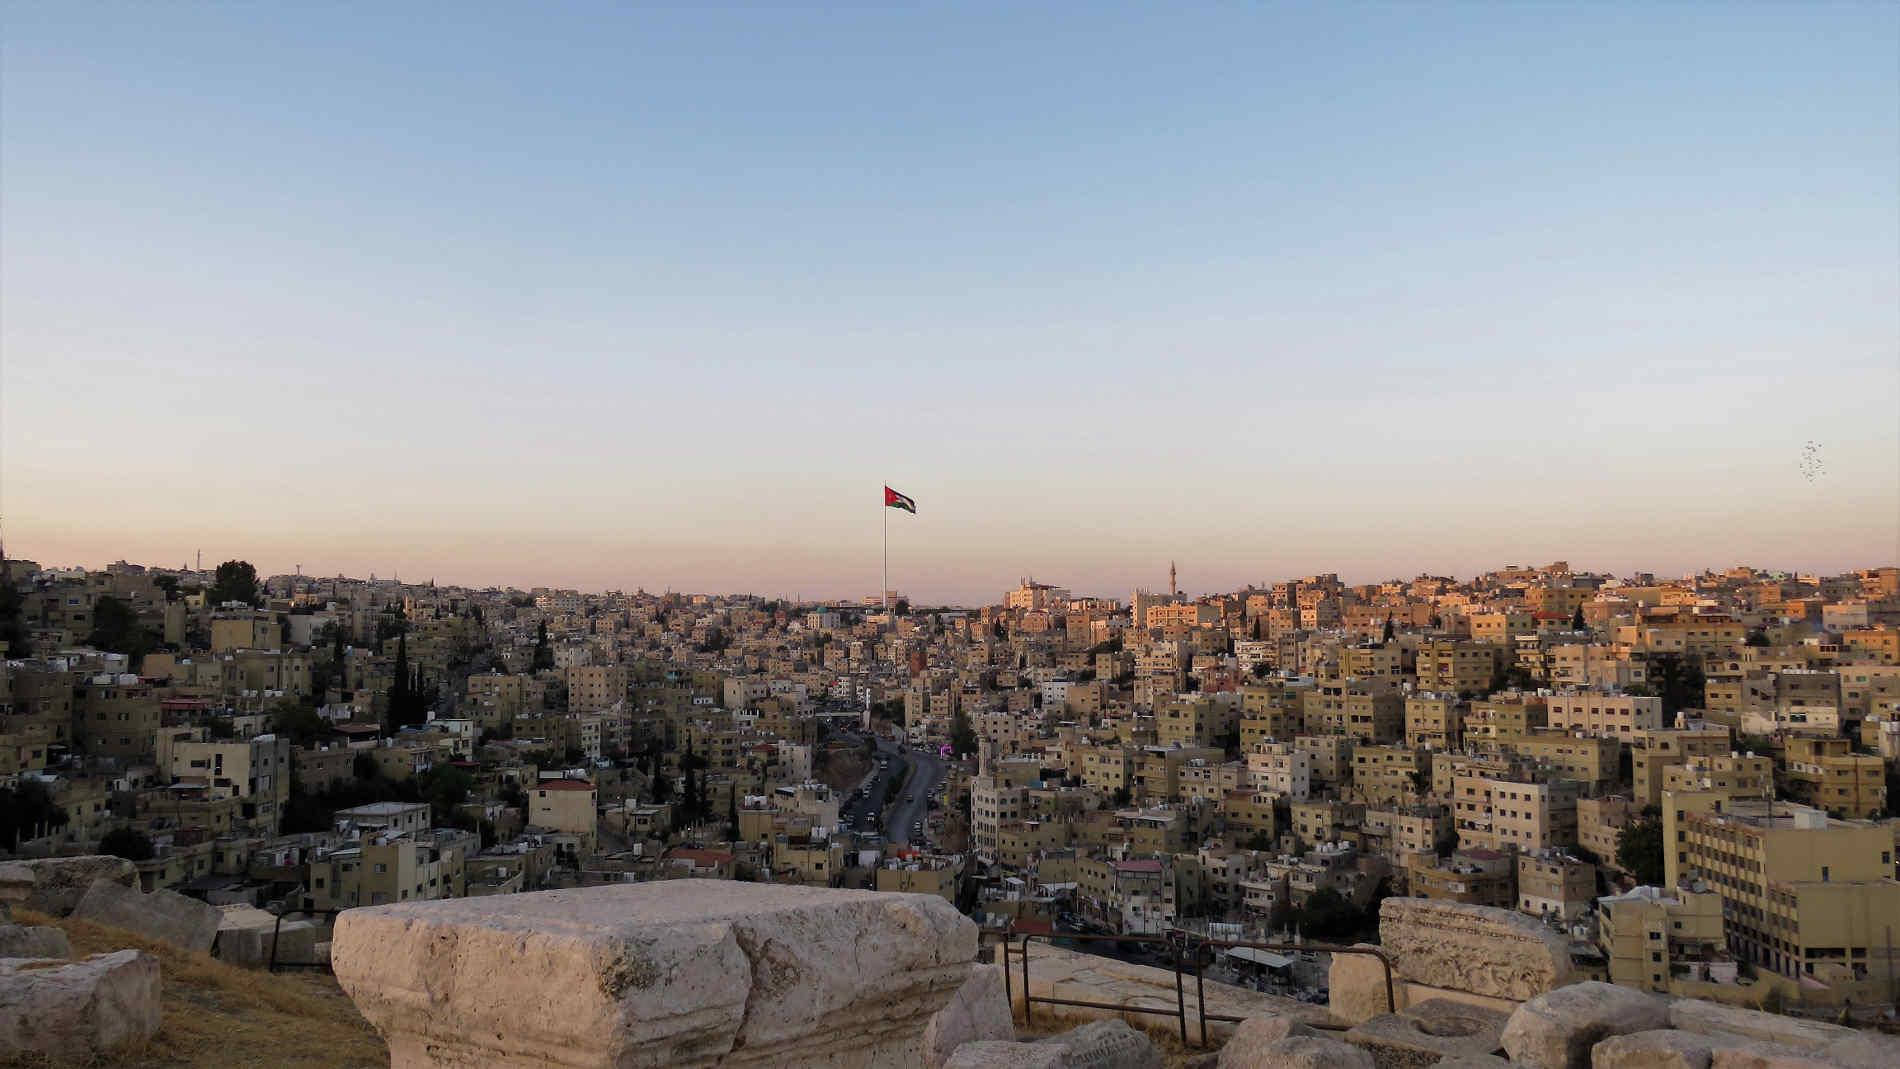 Cosa vedere ad Amman - Vista sulle colline di Amman dalla Cittadella